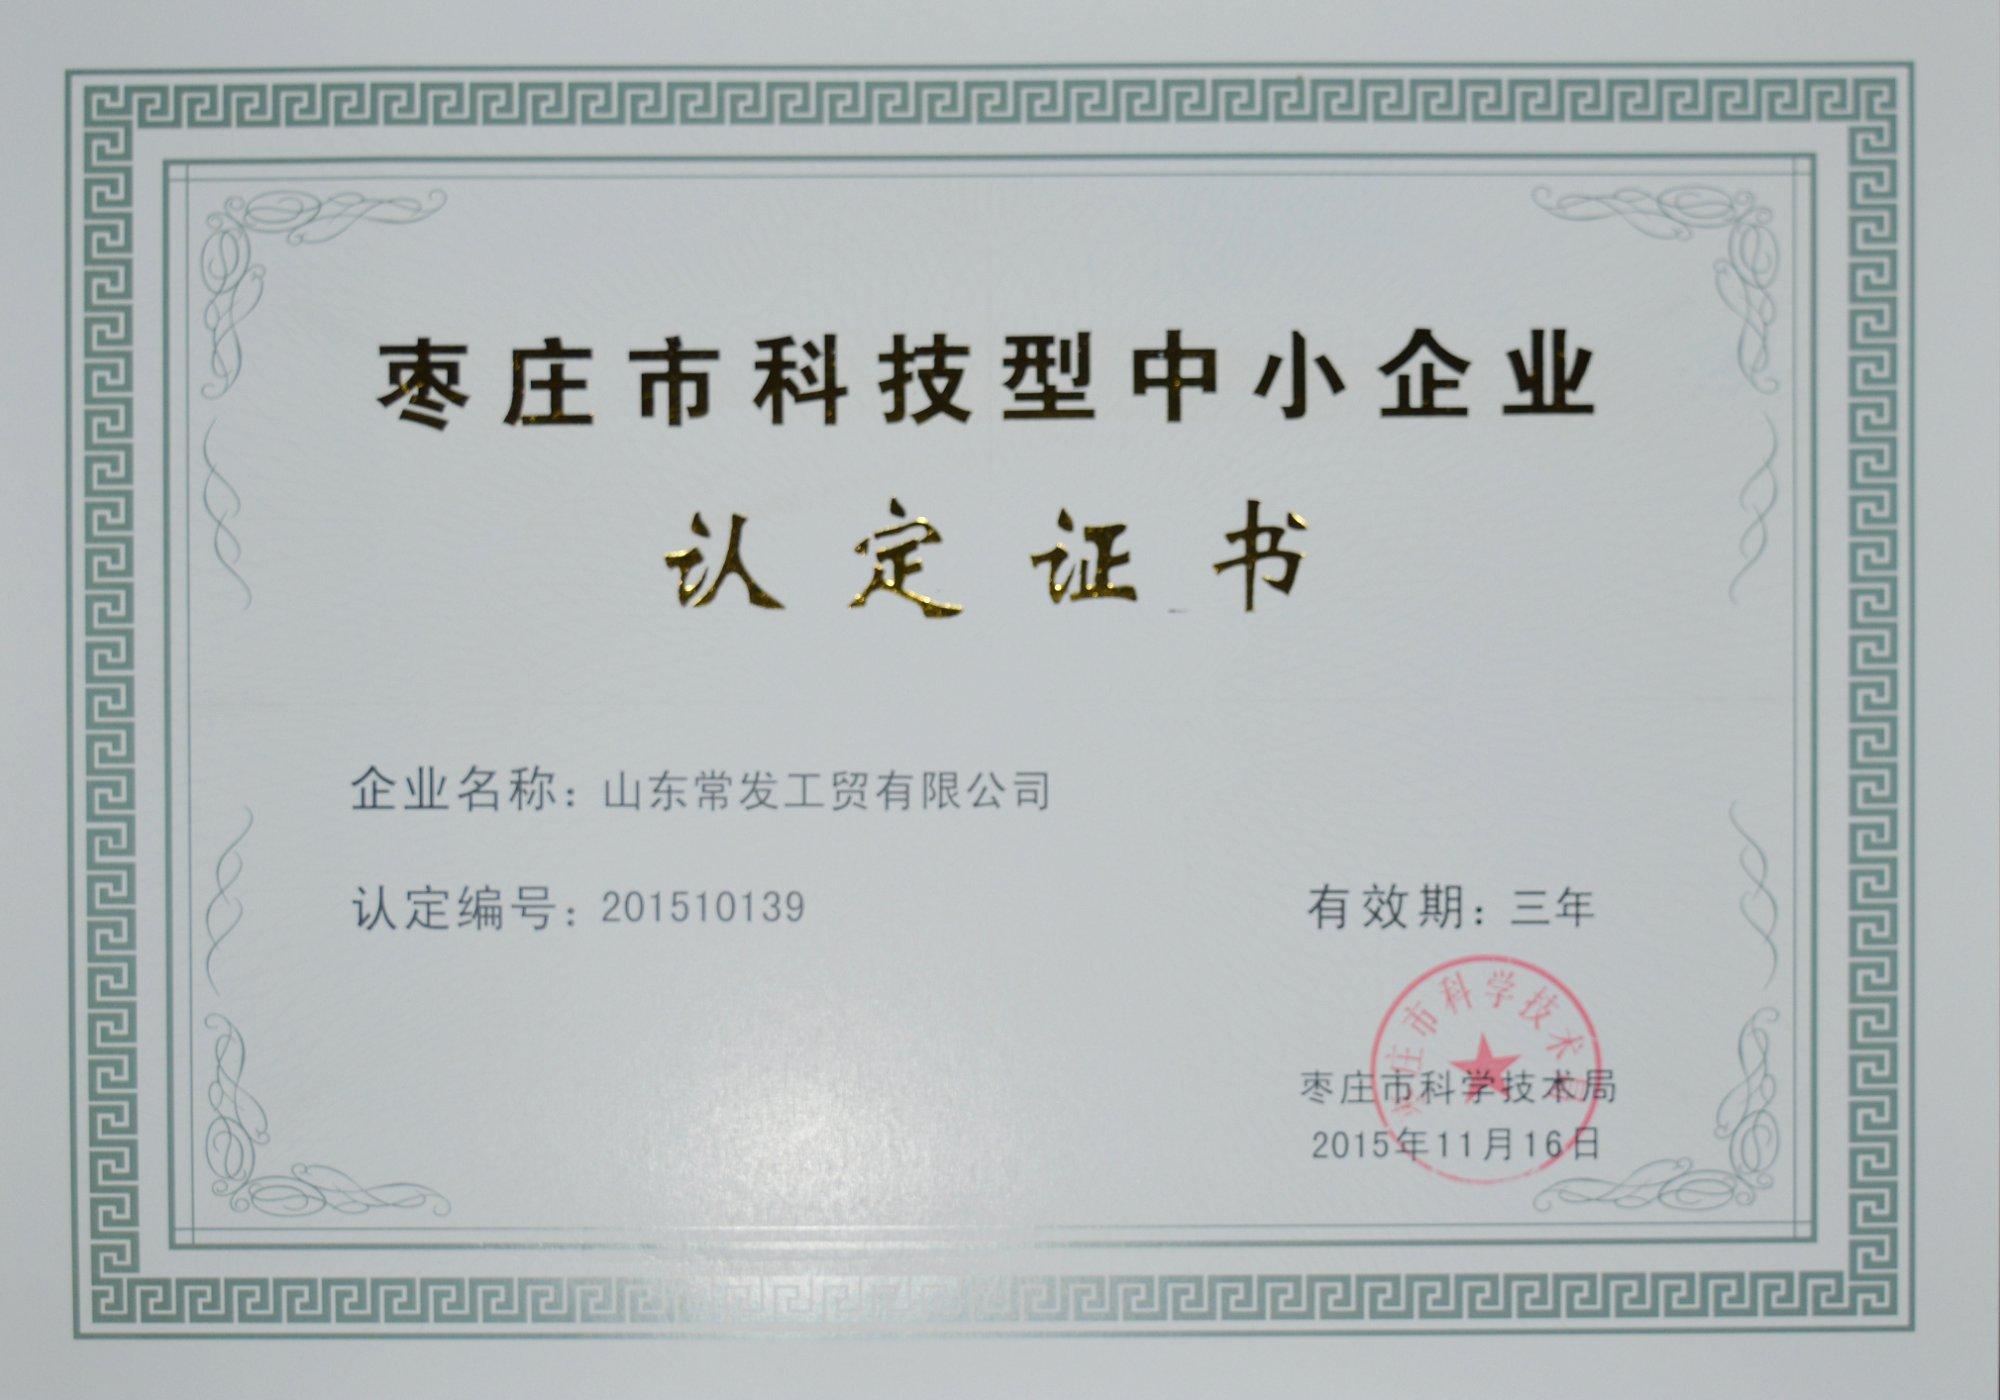 棗莊市科技型中小企業認定證書